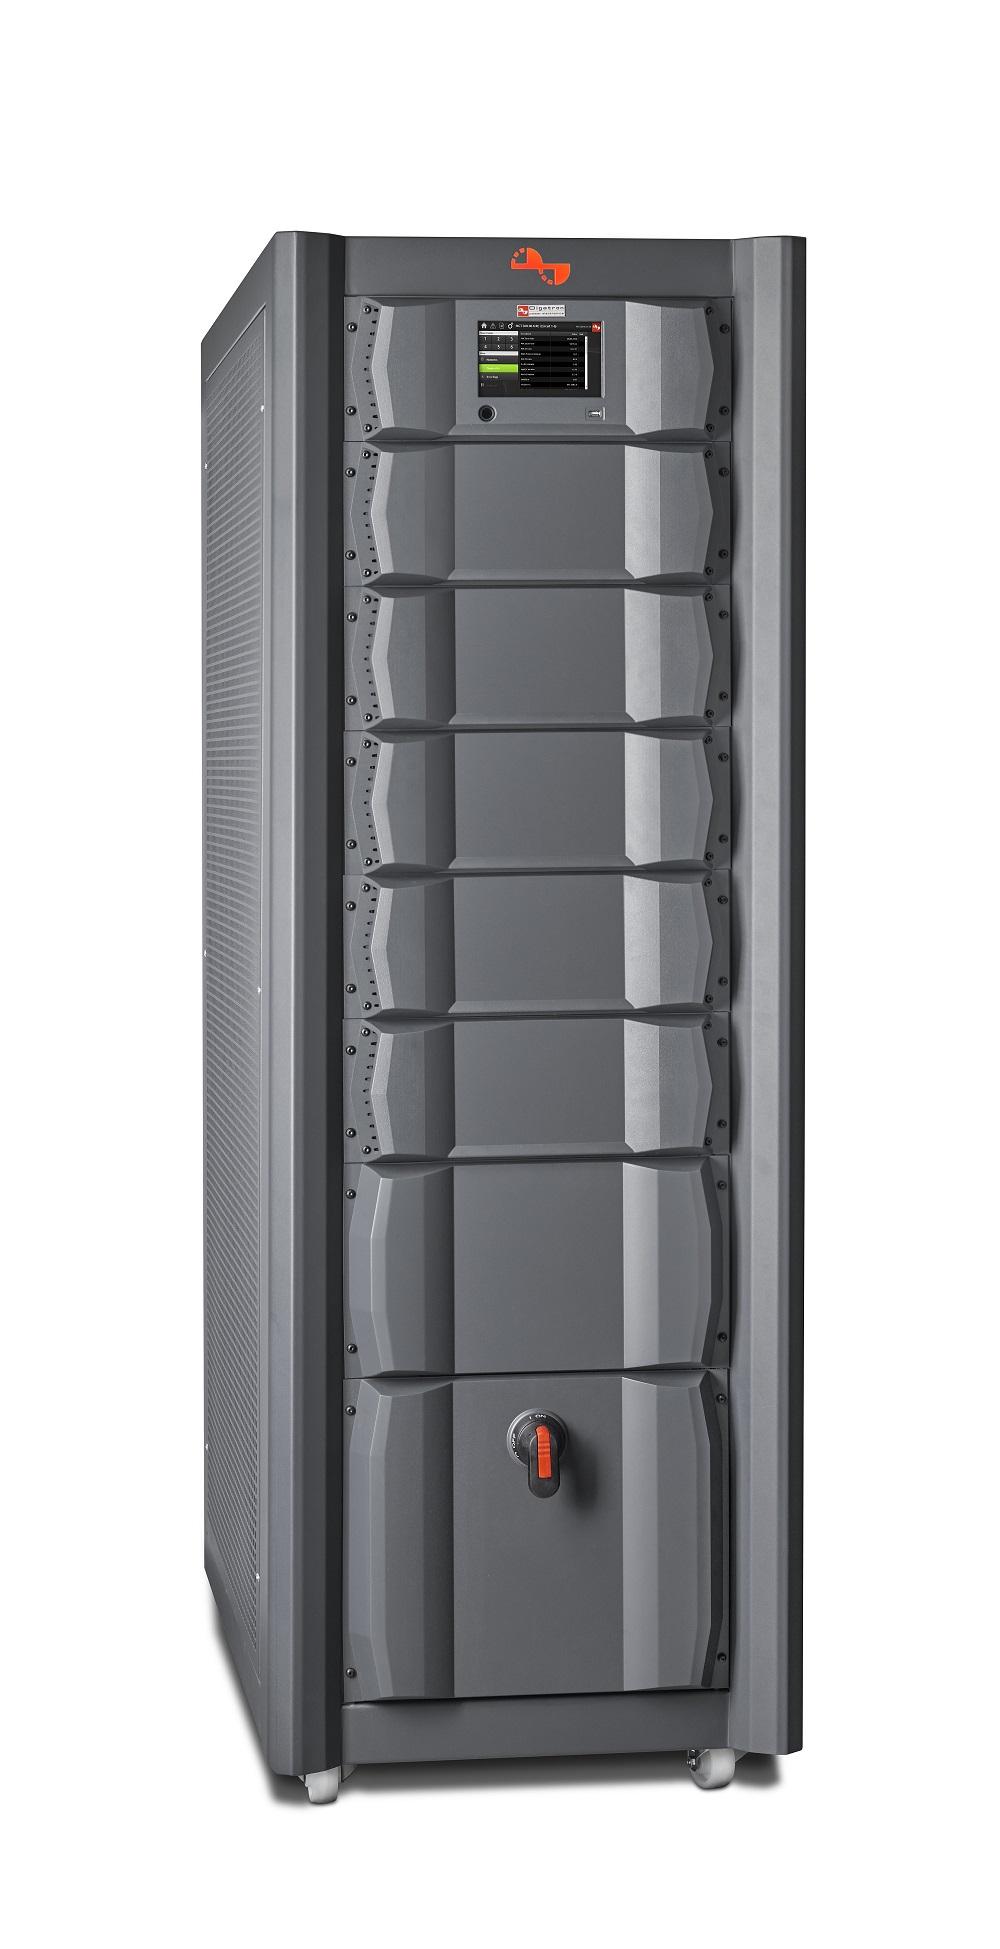 Digatron MCT-HD, energieeffizienter Batterieeinzelzellentester mit einzigartig hoher Packungsdichte